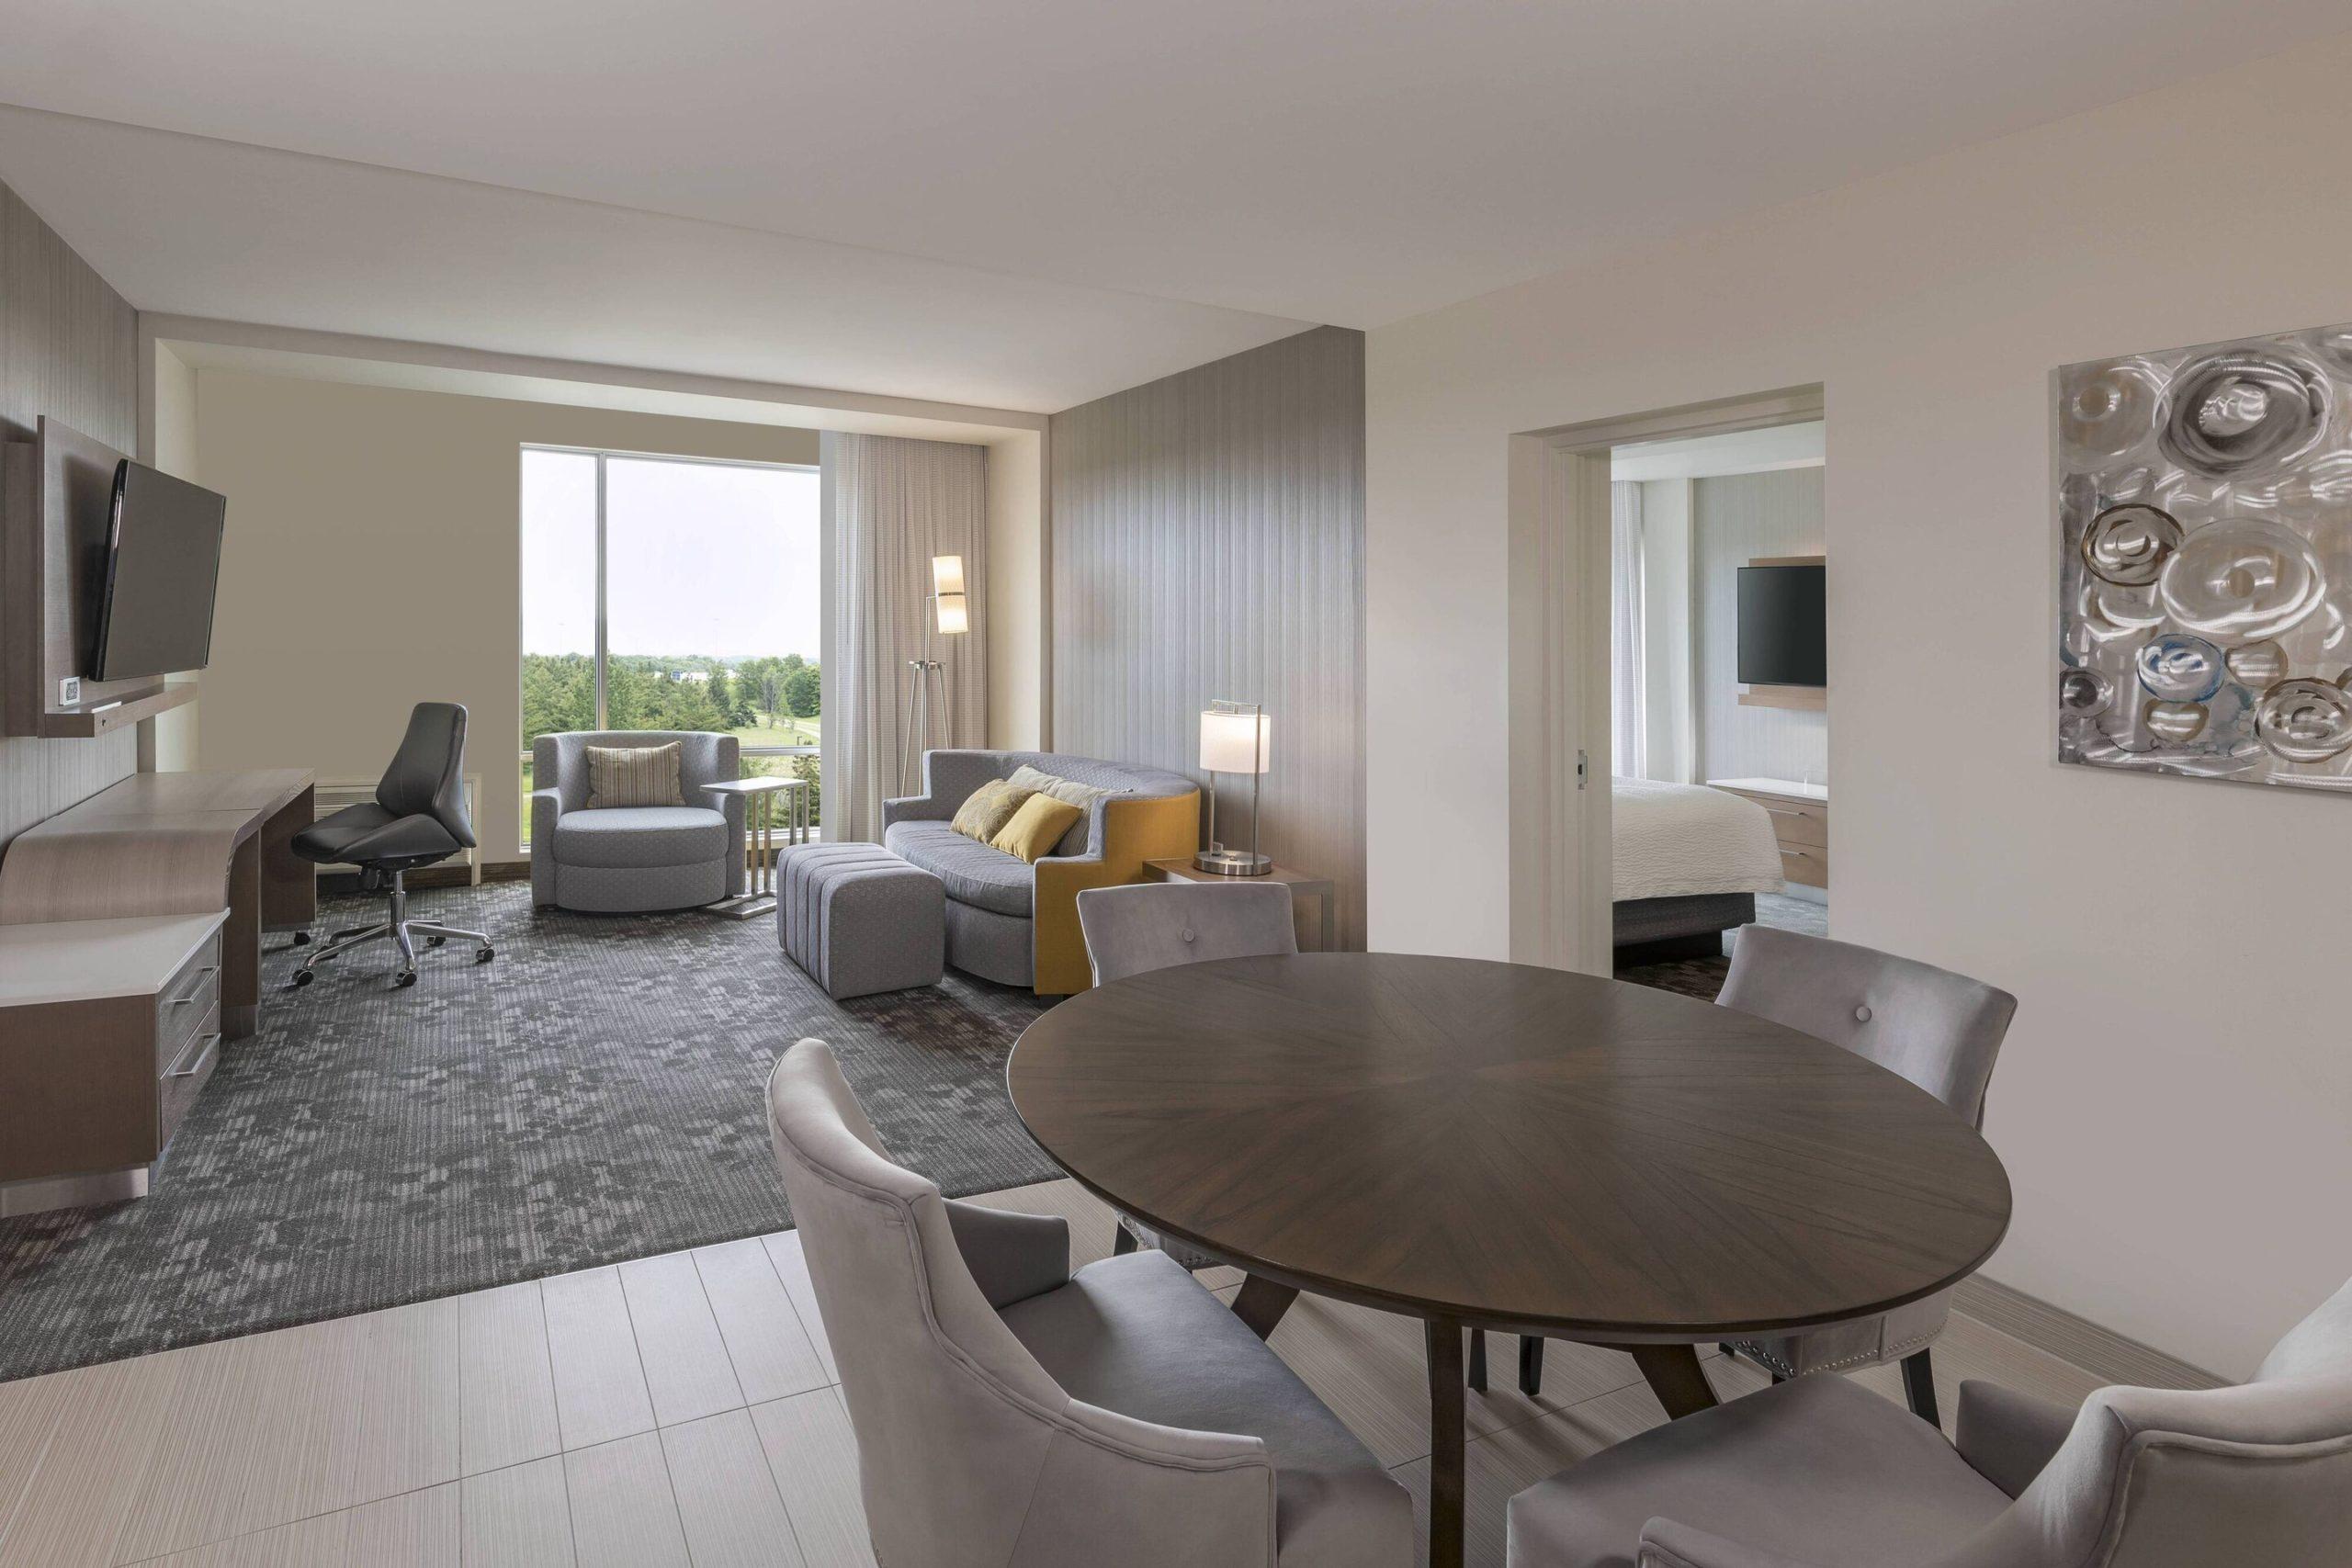 Marriott Courtyard Burlington suite